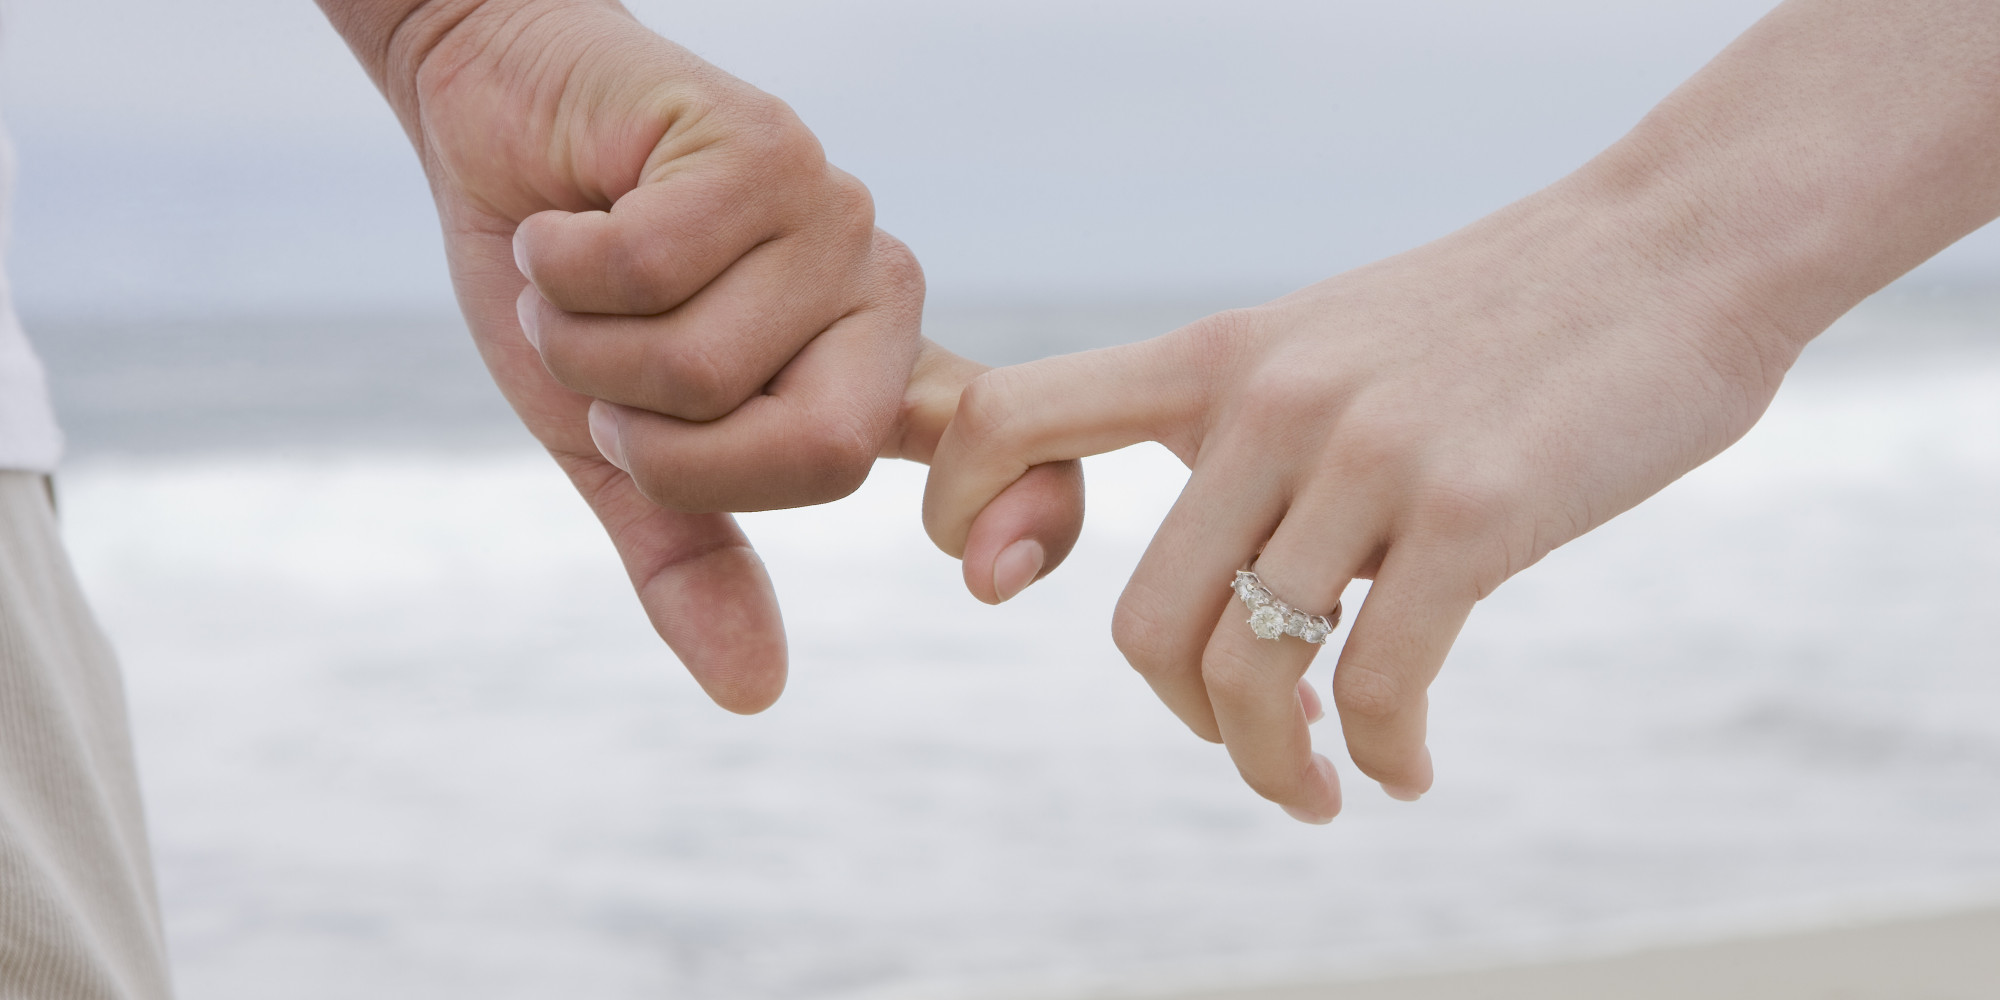 صور تهنئة بالزواج (1)